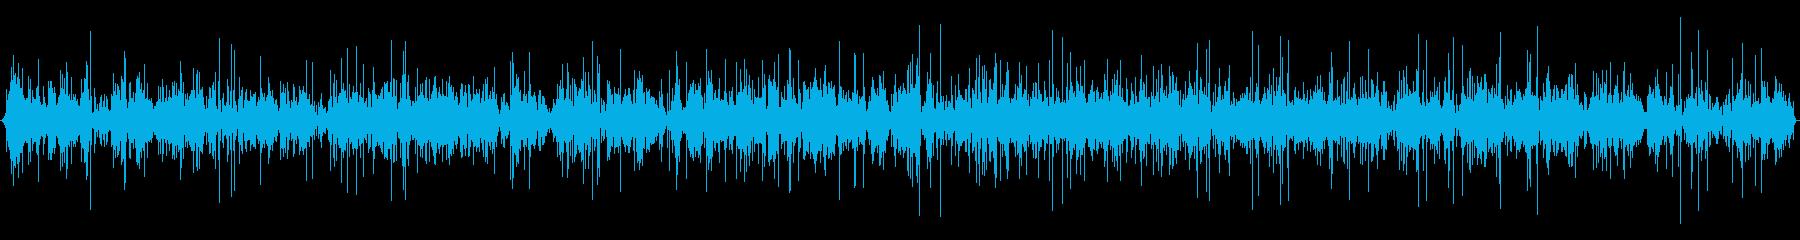 小さな花火の線香花火またはフレア:...の再生済みの波形